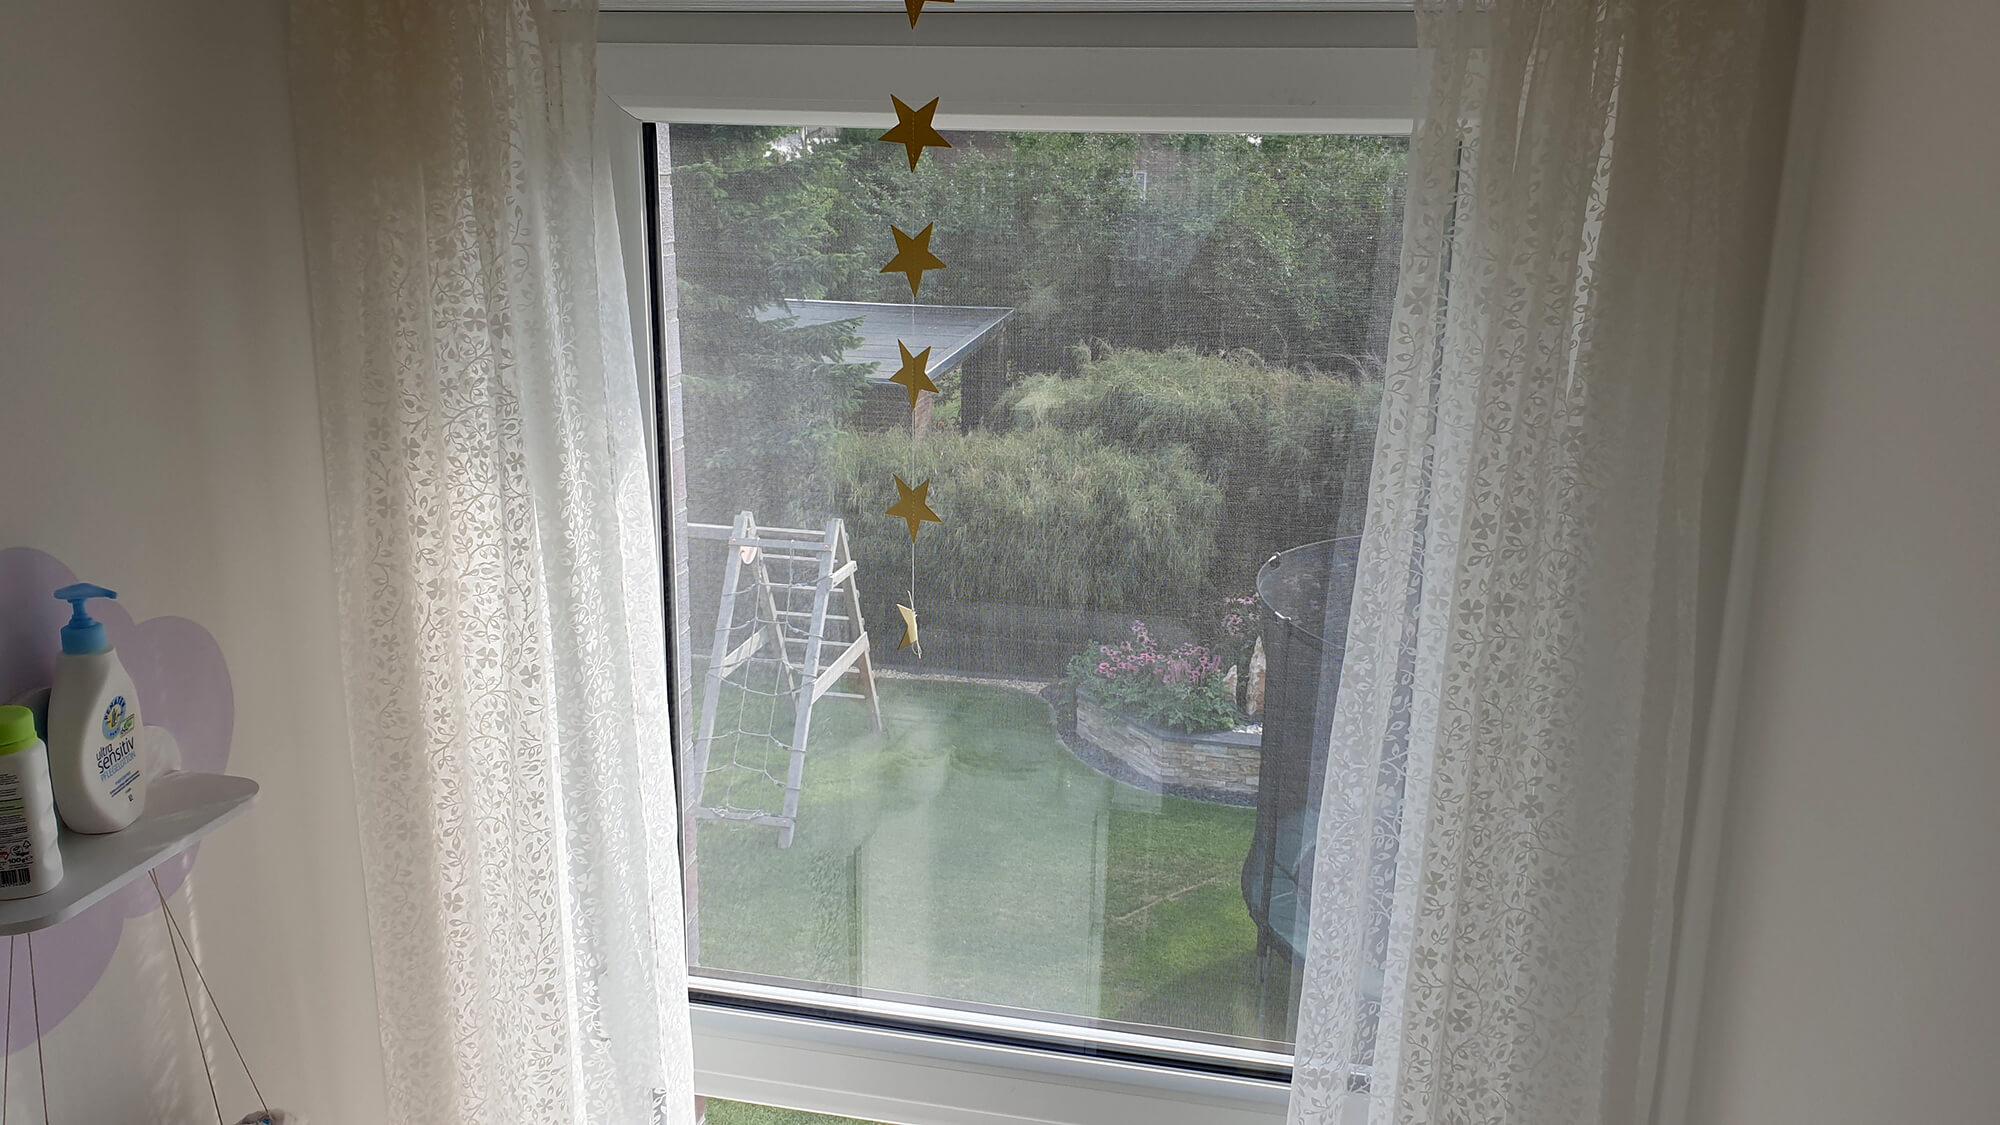 Full Size of Geteilte Bodentiefe Fenster Sichtschutz Geteilt Fliegengitter Integrierter Insektenschutz Als Rollo Und Konfigurator Reinigen Folien Für Ebay Standardmaße Wohnzimmer Bodentiefe Fenster Geteilt